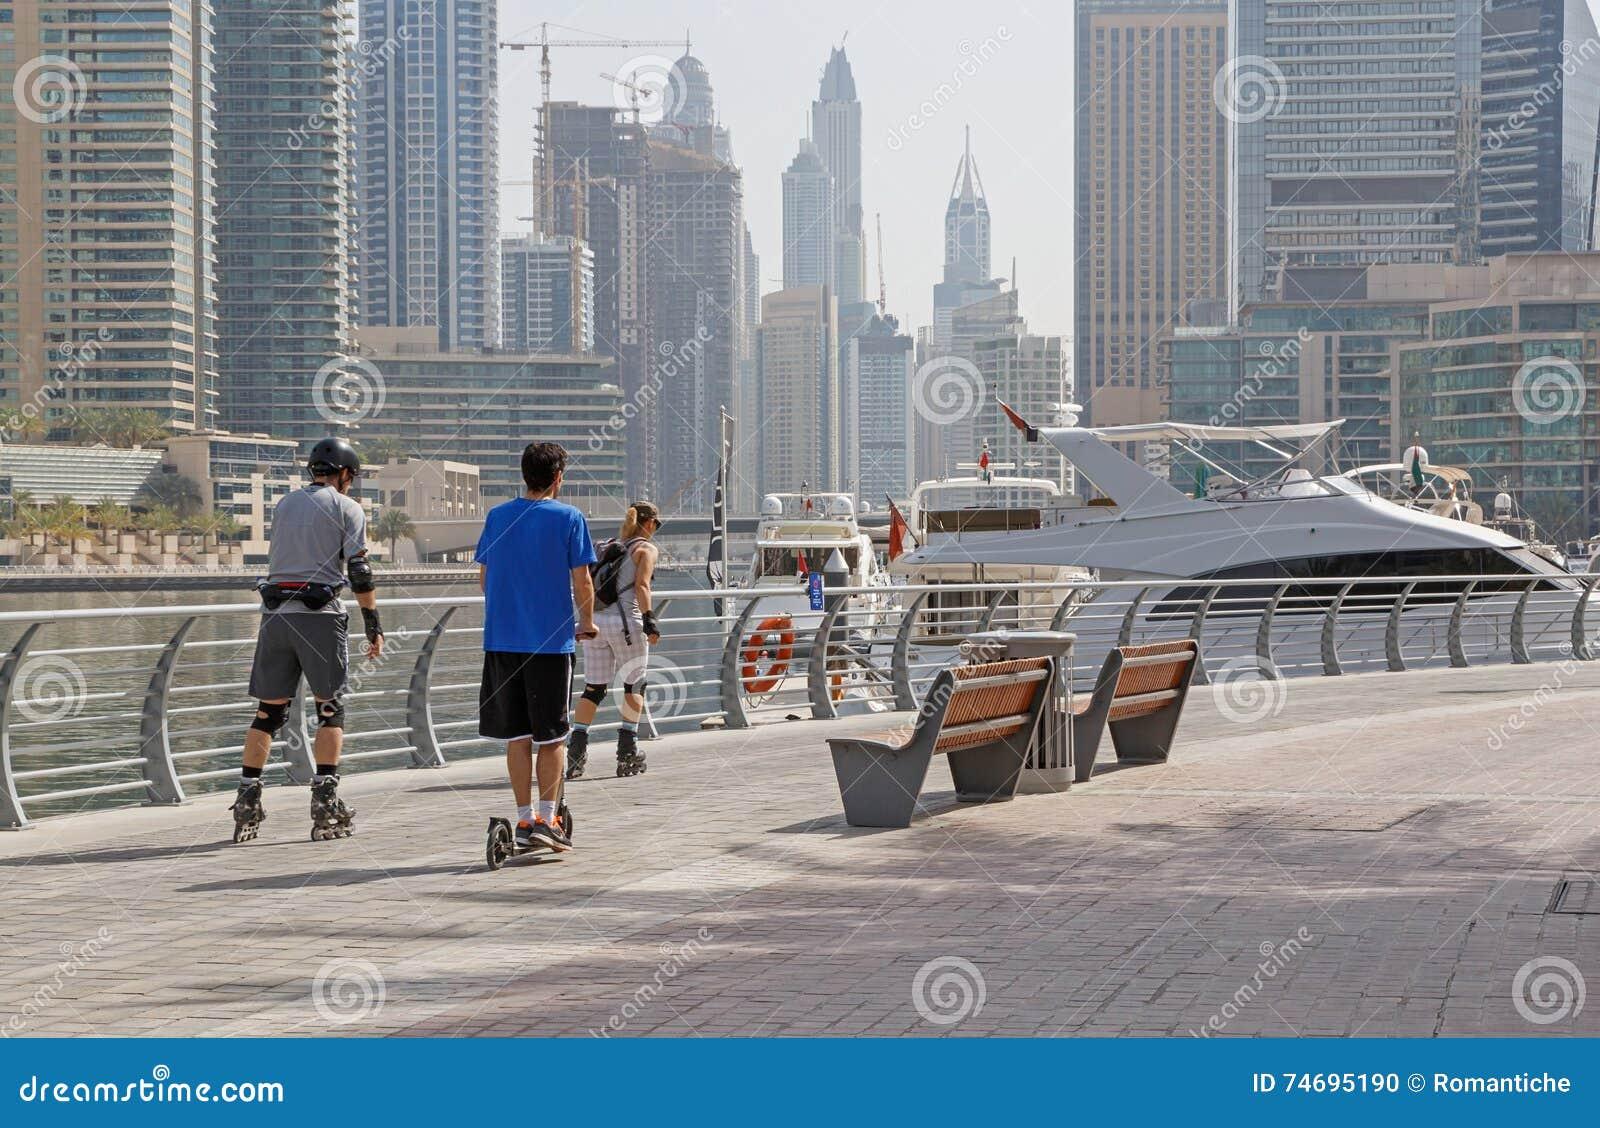 ДУБАЙ, ОАЭ - 12-ОЕ МАЯ 2016: конькобежцы ролика на пешеходной дорожке